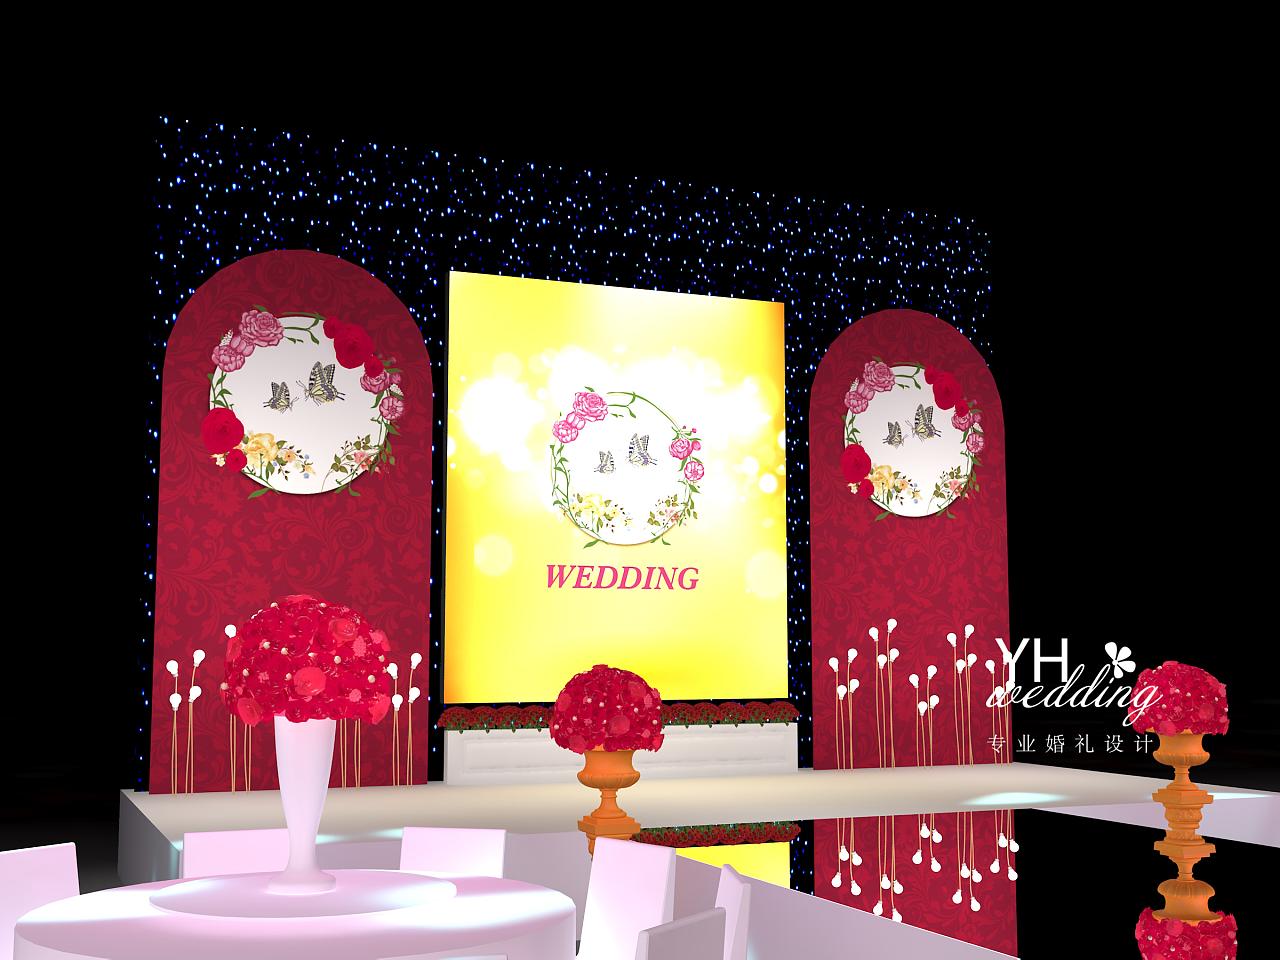 酒红色婚礼舞台3d效果图 出场处水晶吊顶 华丽婚礼效果图图片